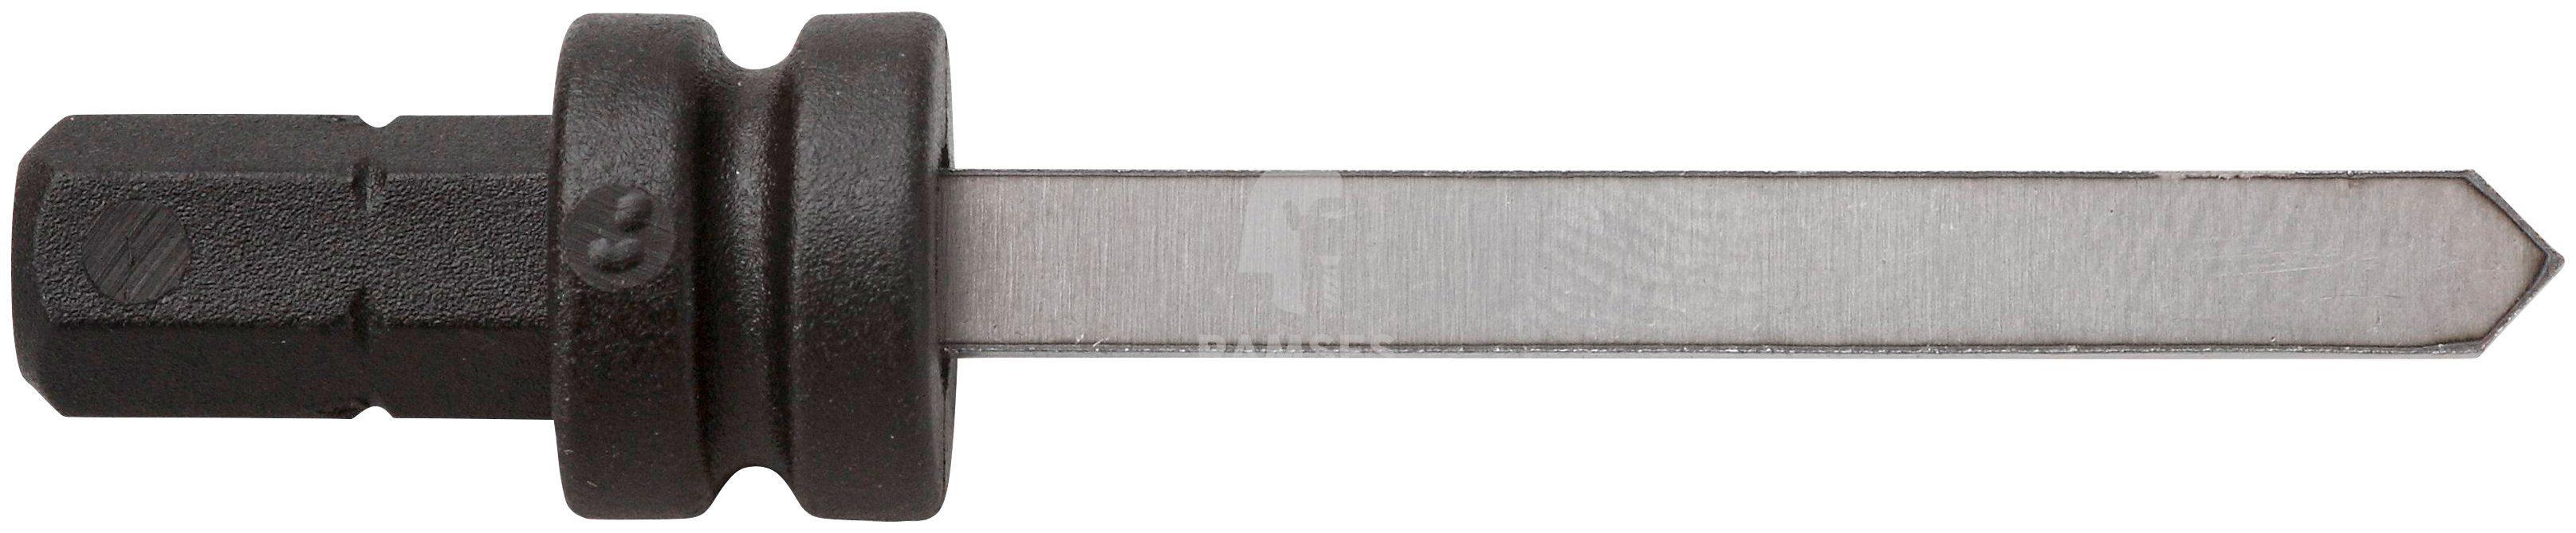 RAMSES Werkzeugsatz , Setzwerkzeug für Gipskartondübel 10 Stück